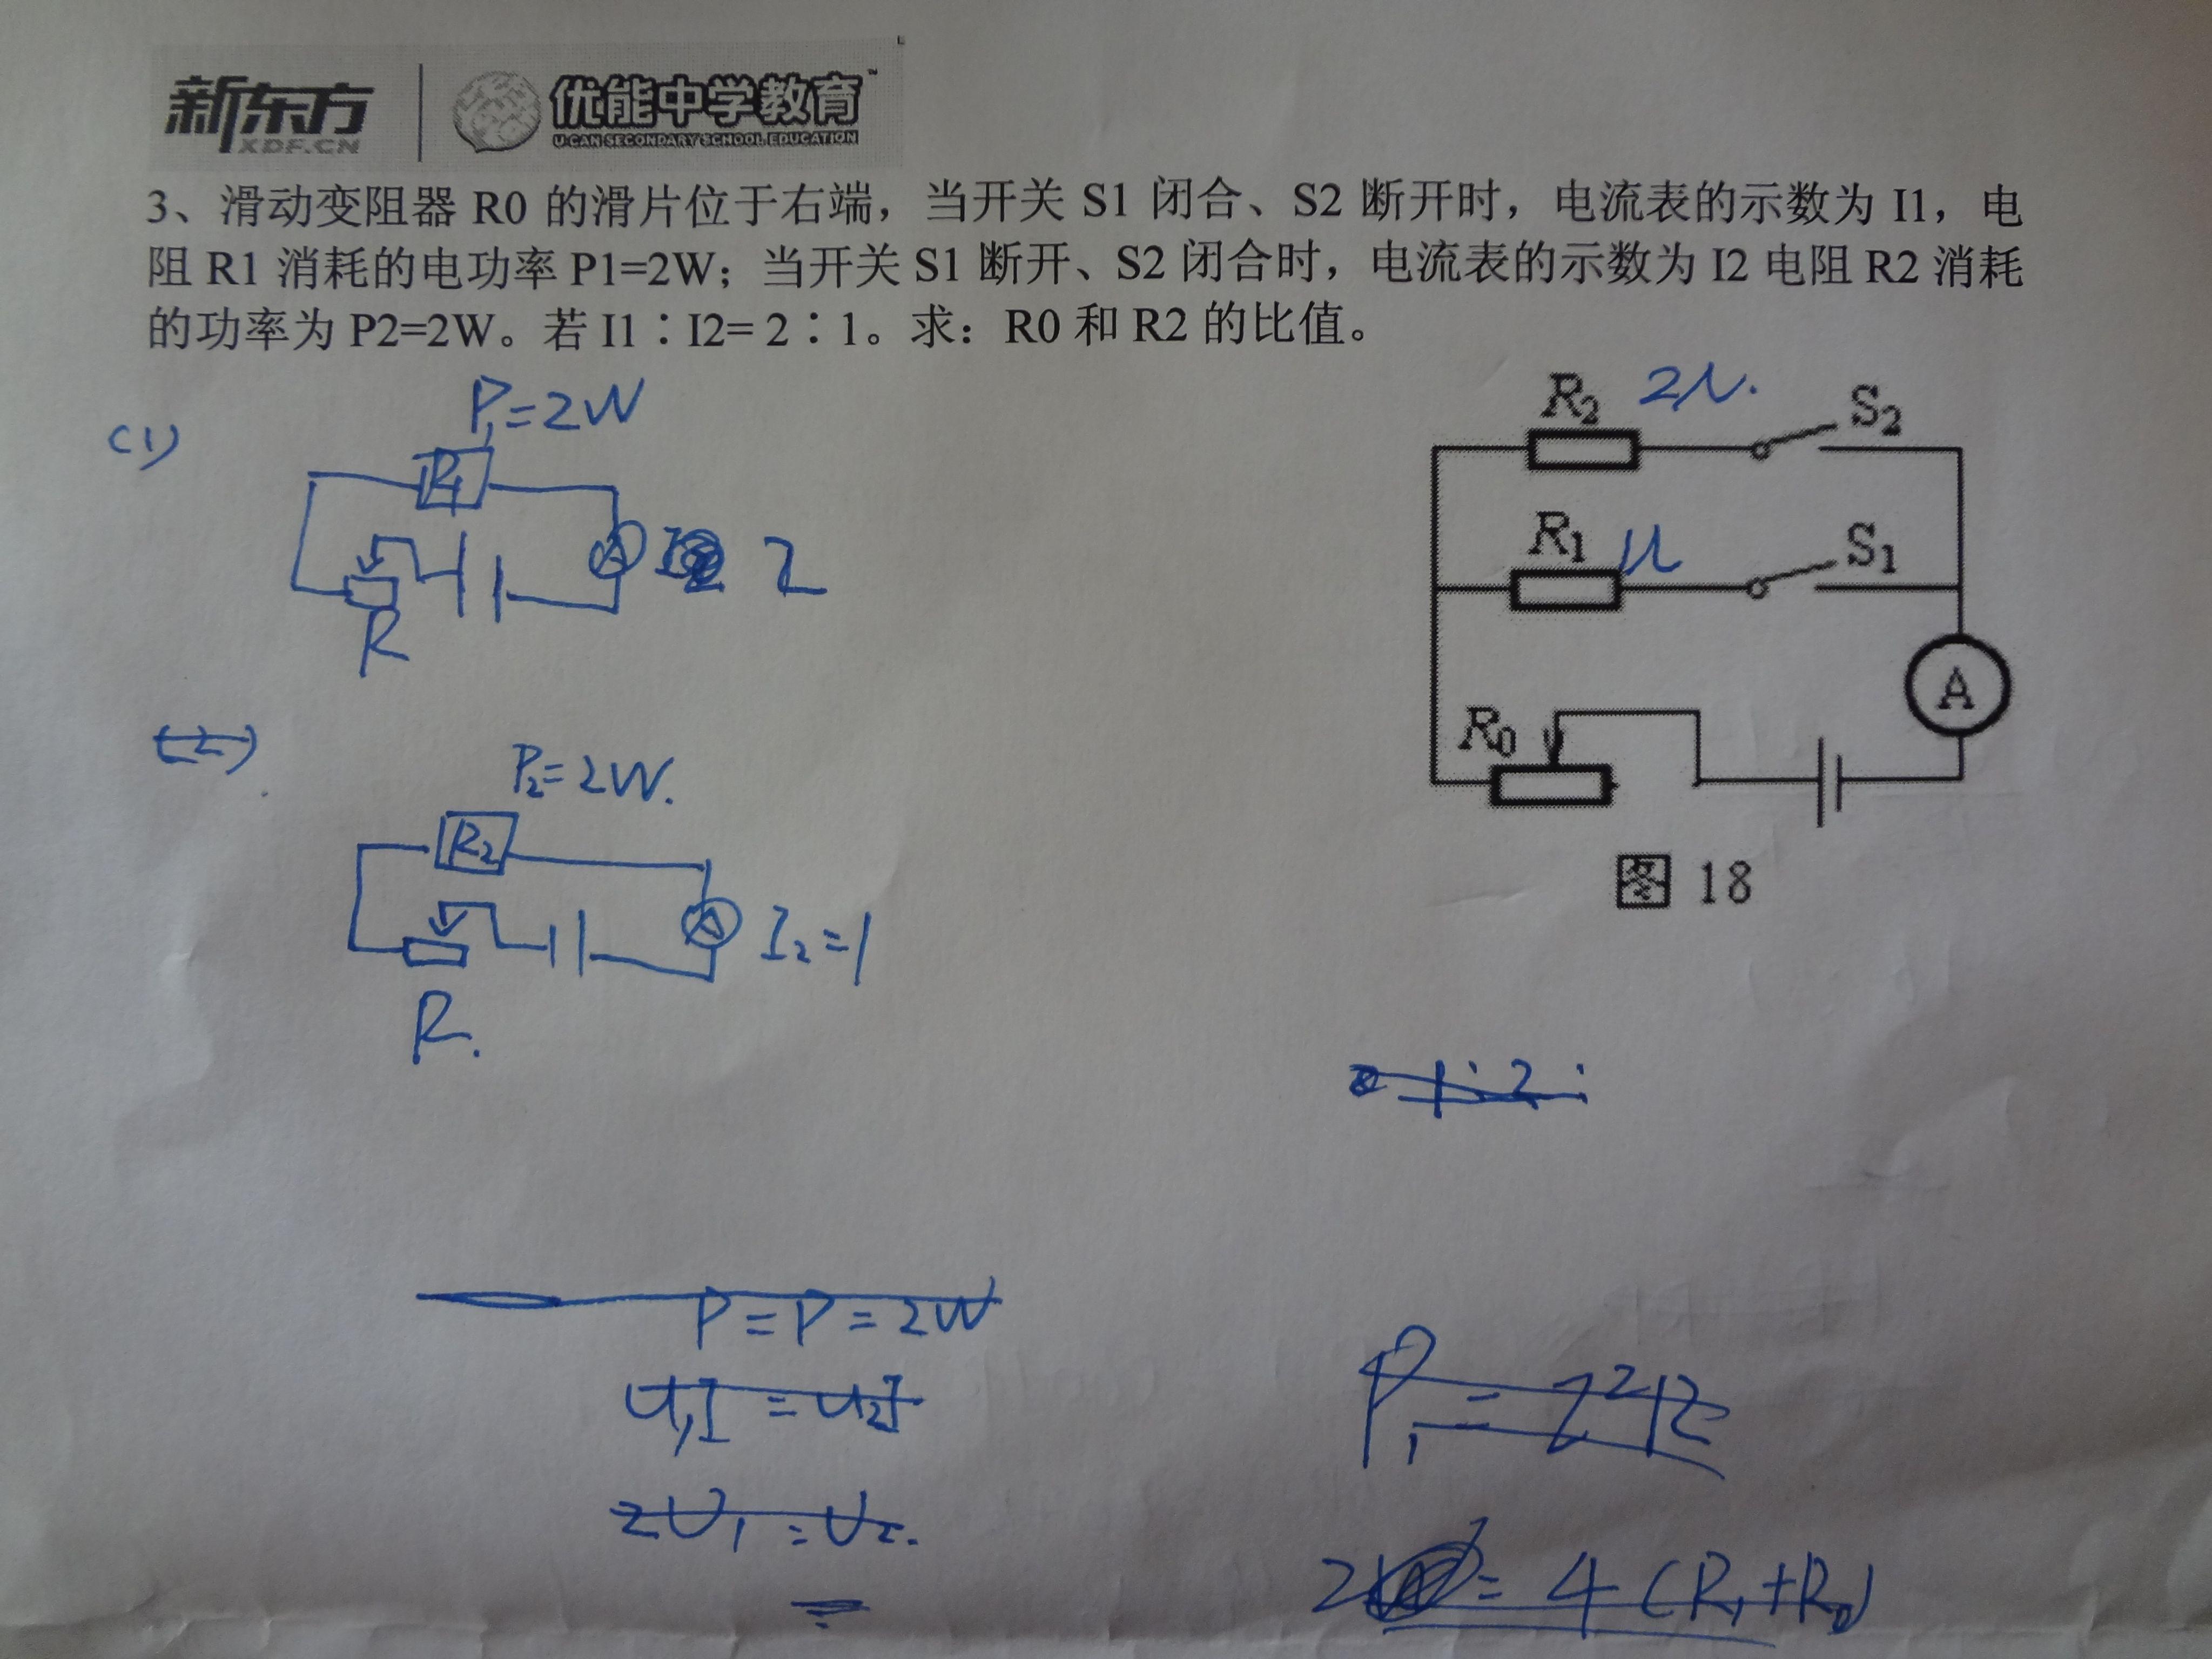 初中物理 欧姆定律 电功率 串联电路 物理计算 电学计算